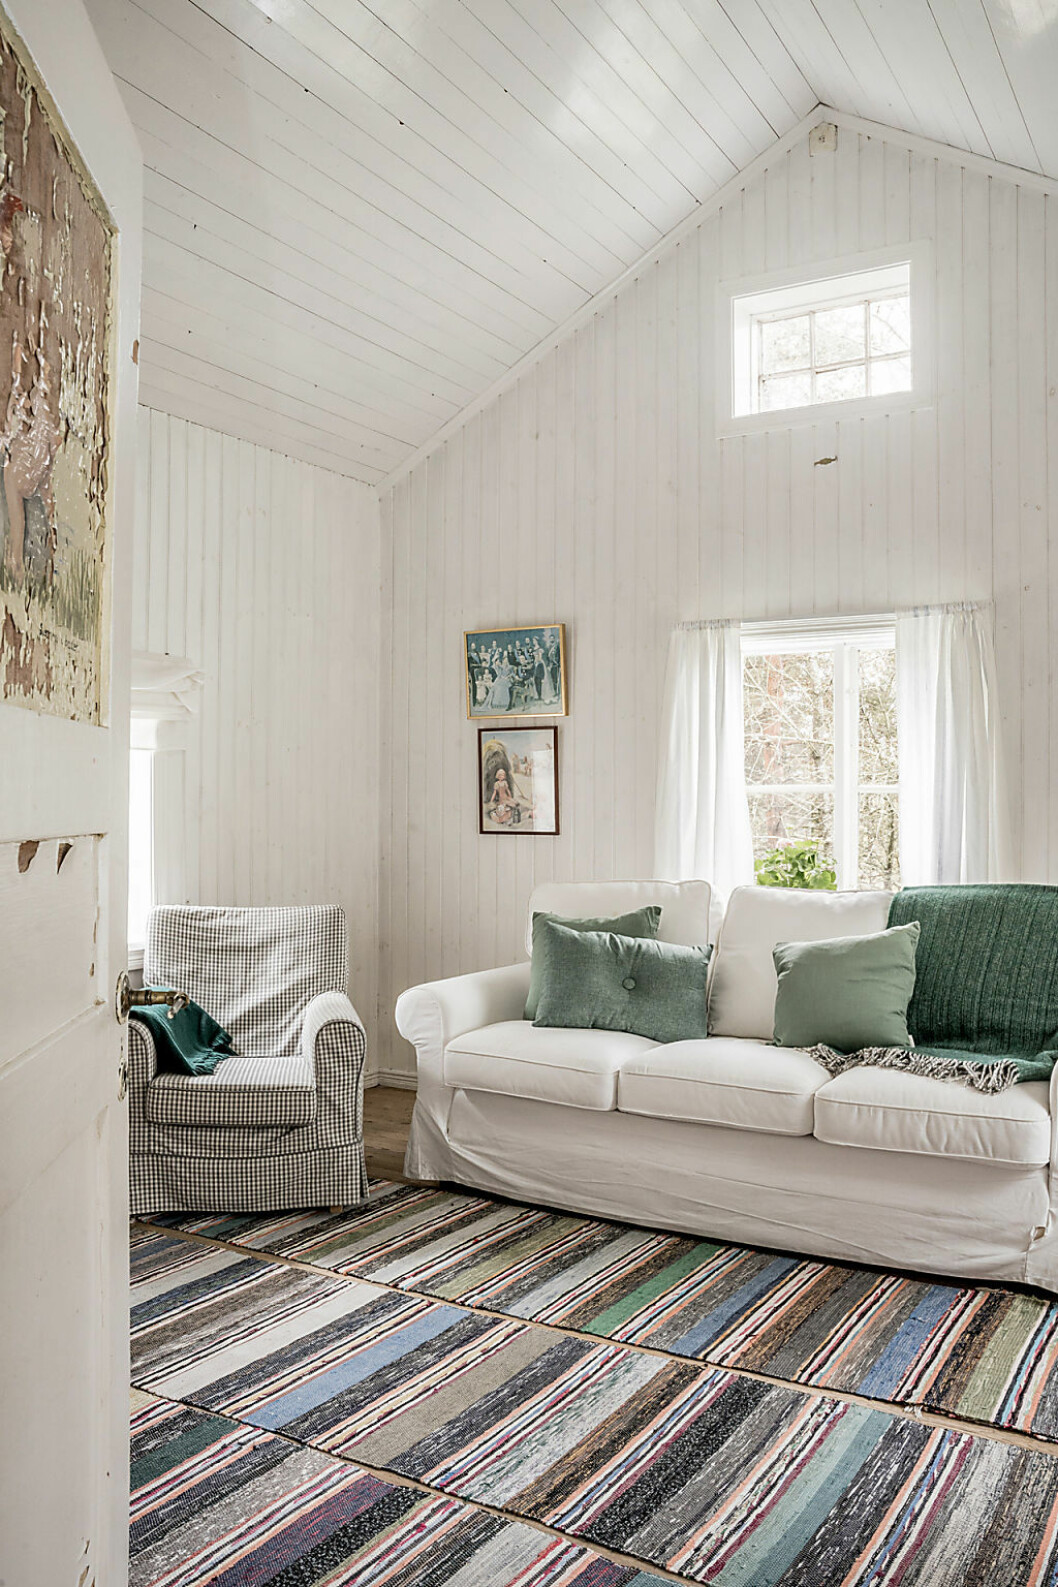 Det lilla vardagsrummet bjuder trots sin storlek på en imponerande takhöjd – ett måste för att få plats med ett rymligt sovloft.